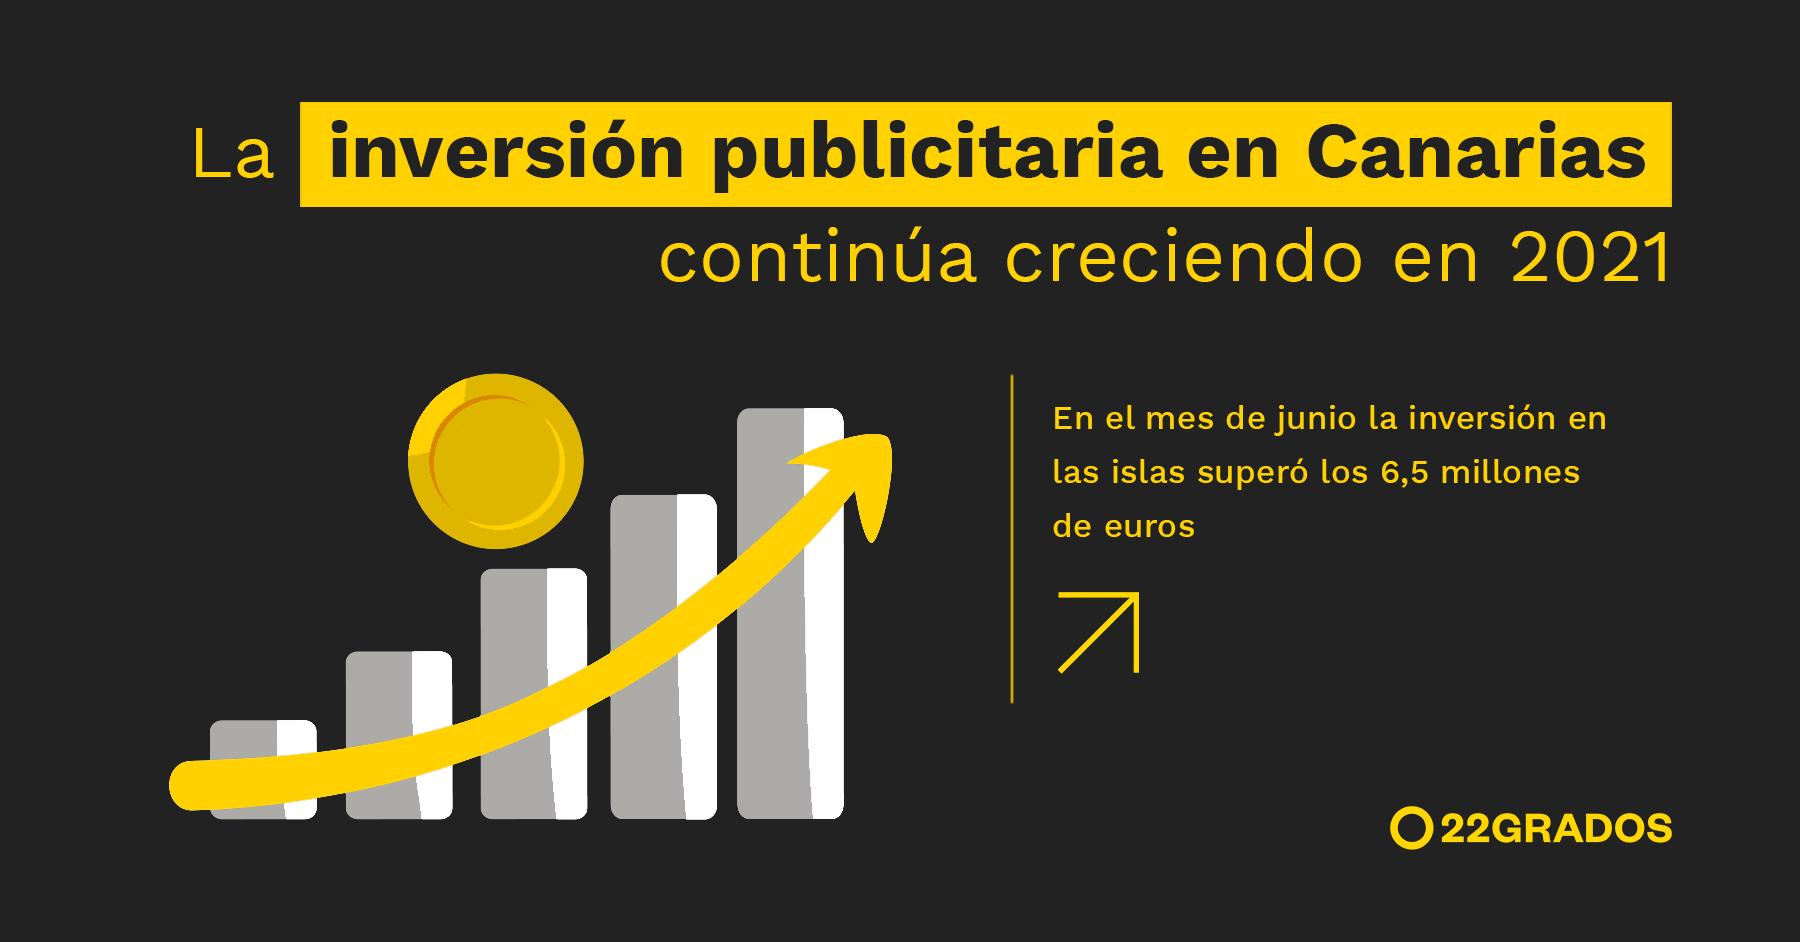 La inversión publicitaria en Canarias continúa creciendo en 2021